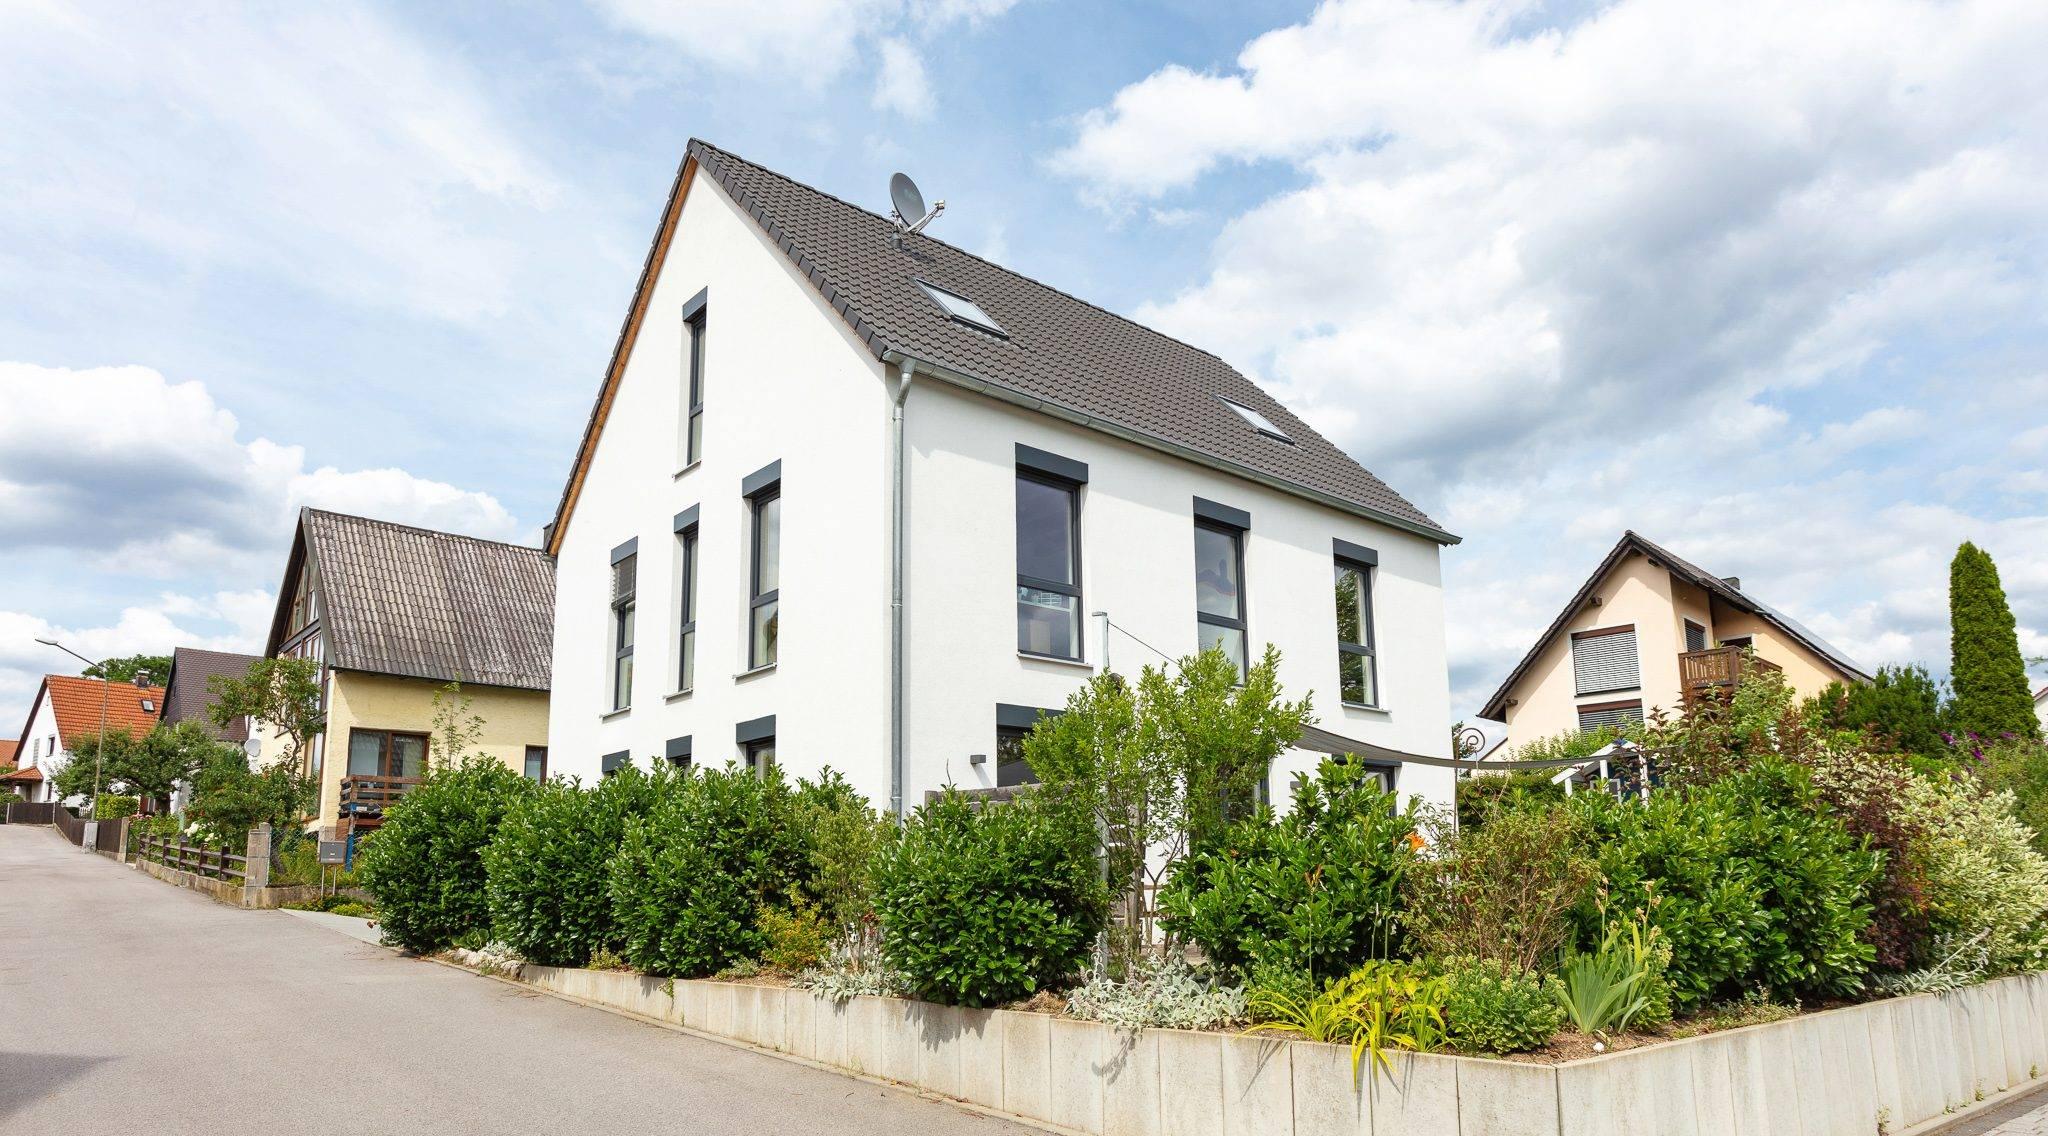 Коммерческая недвижимость врегенсбурге — купить! цены на готовый бизнес, инвестиции в недвижимость врегенсбурге